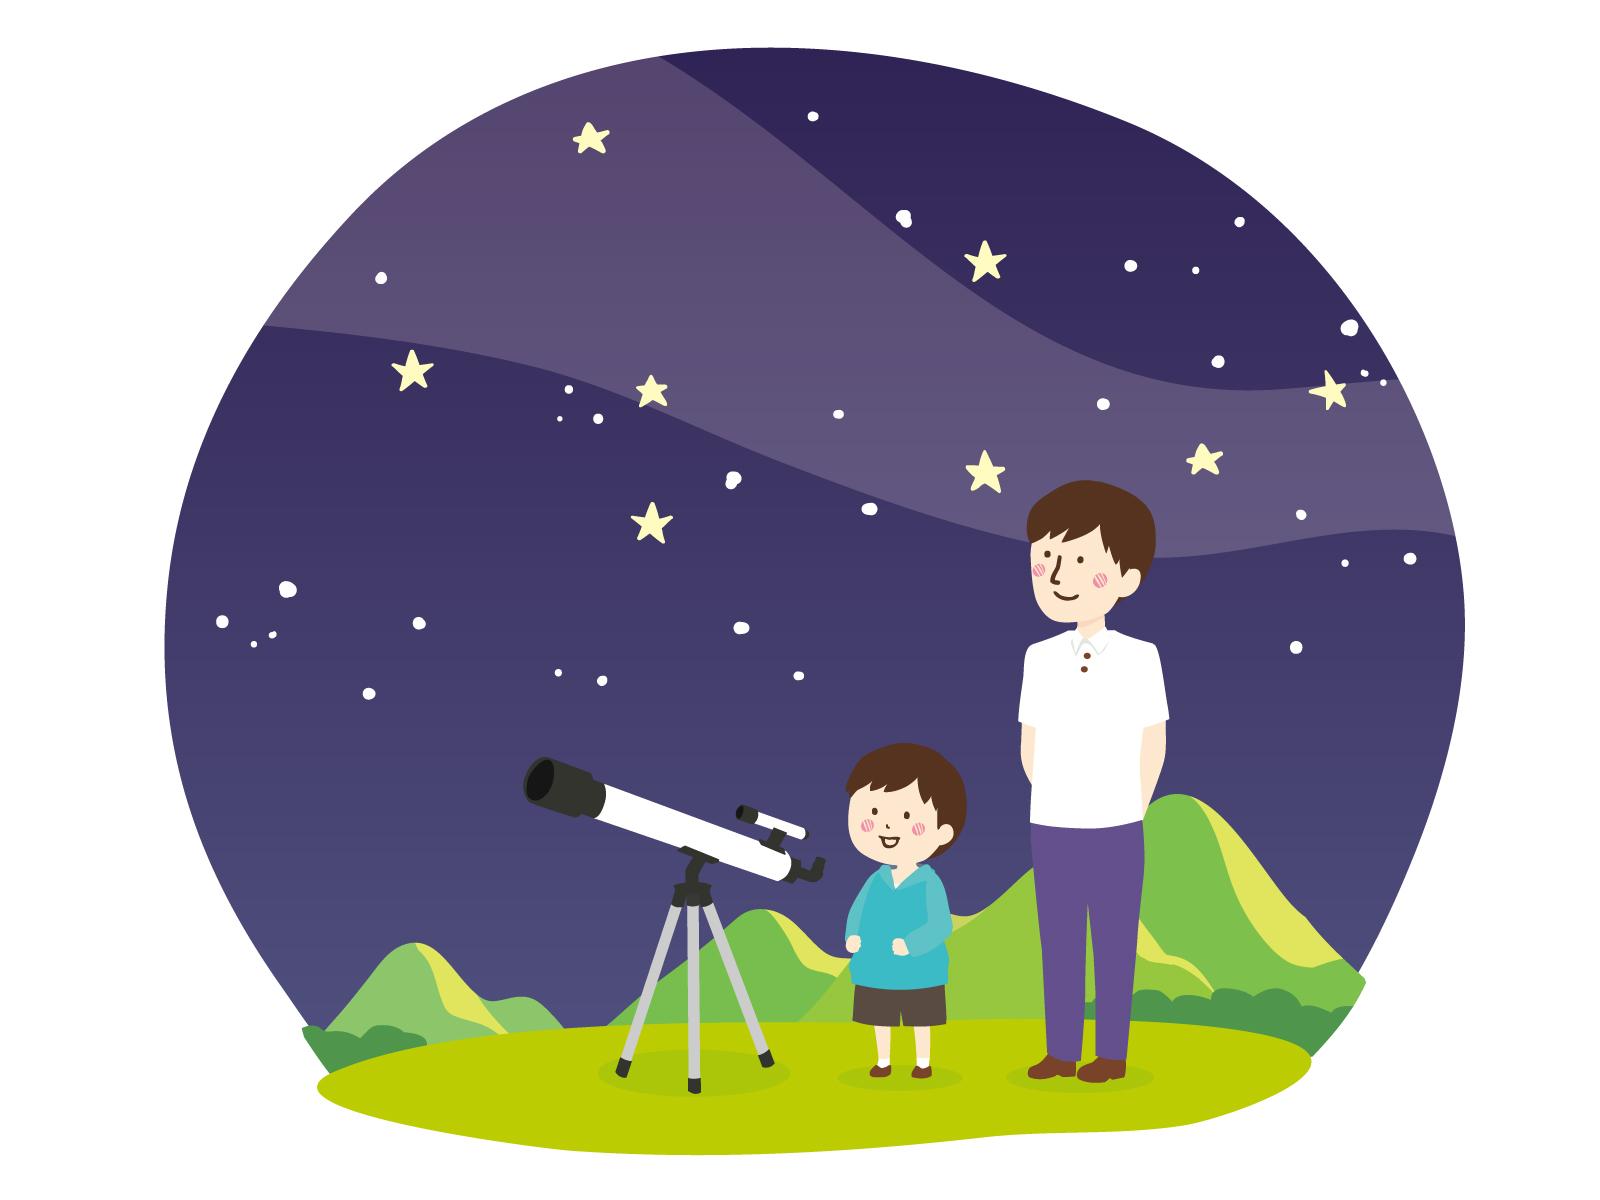 素材 天体観測 星 夜 親子 キャンプ